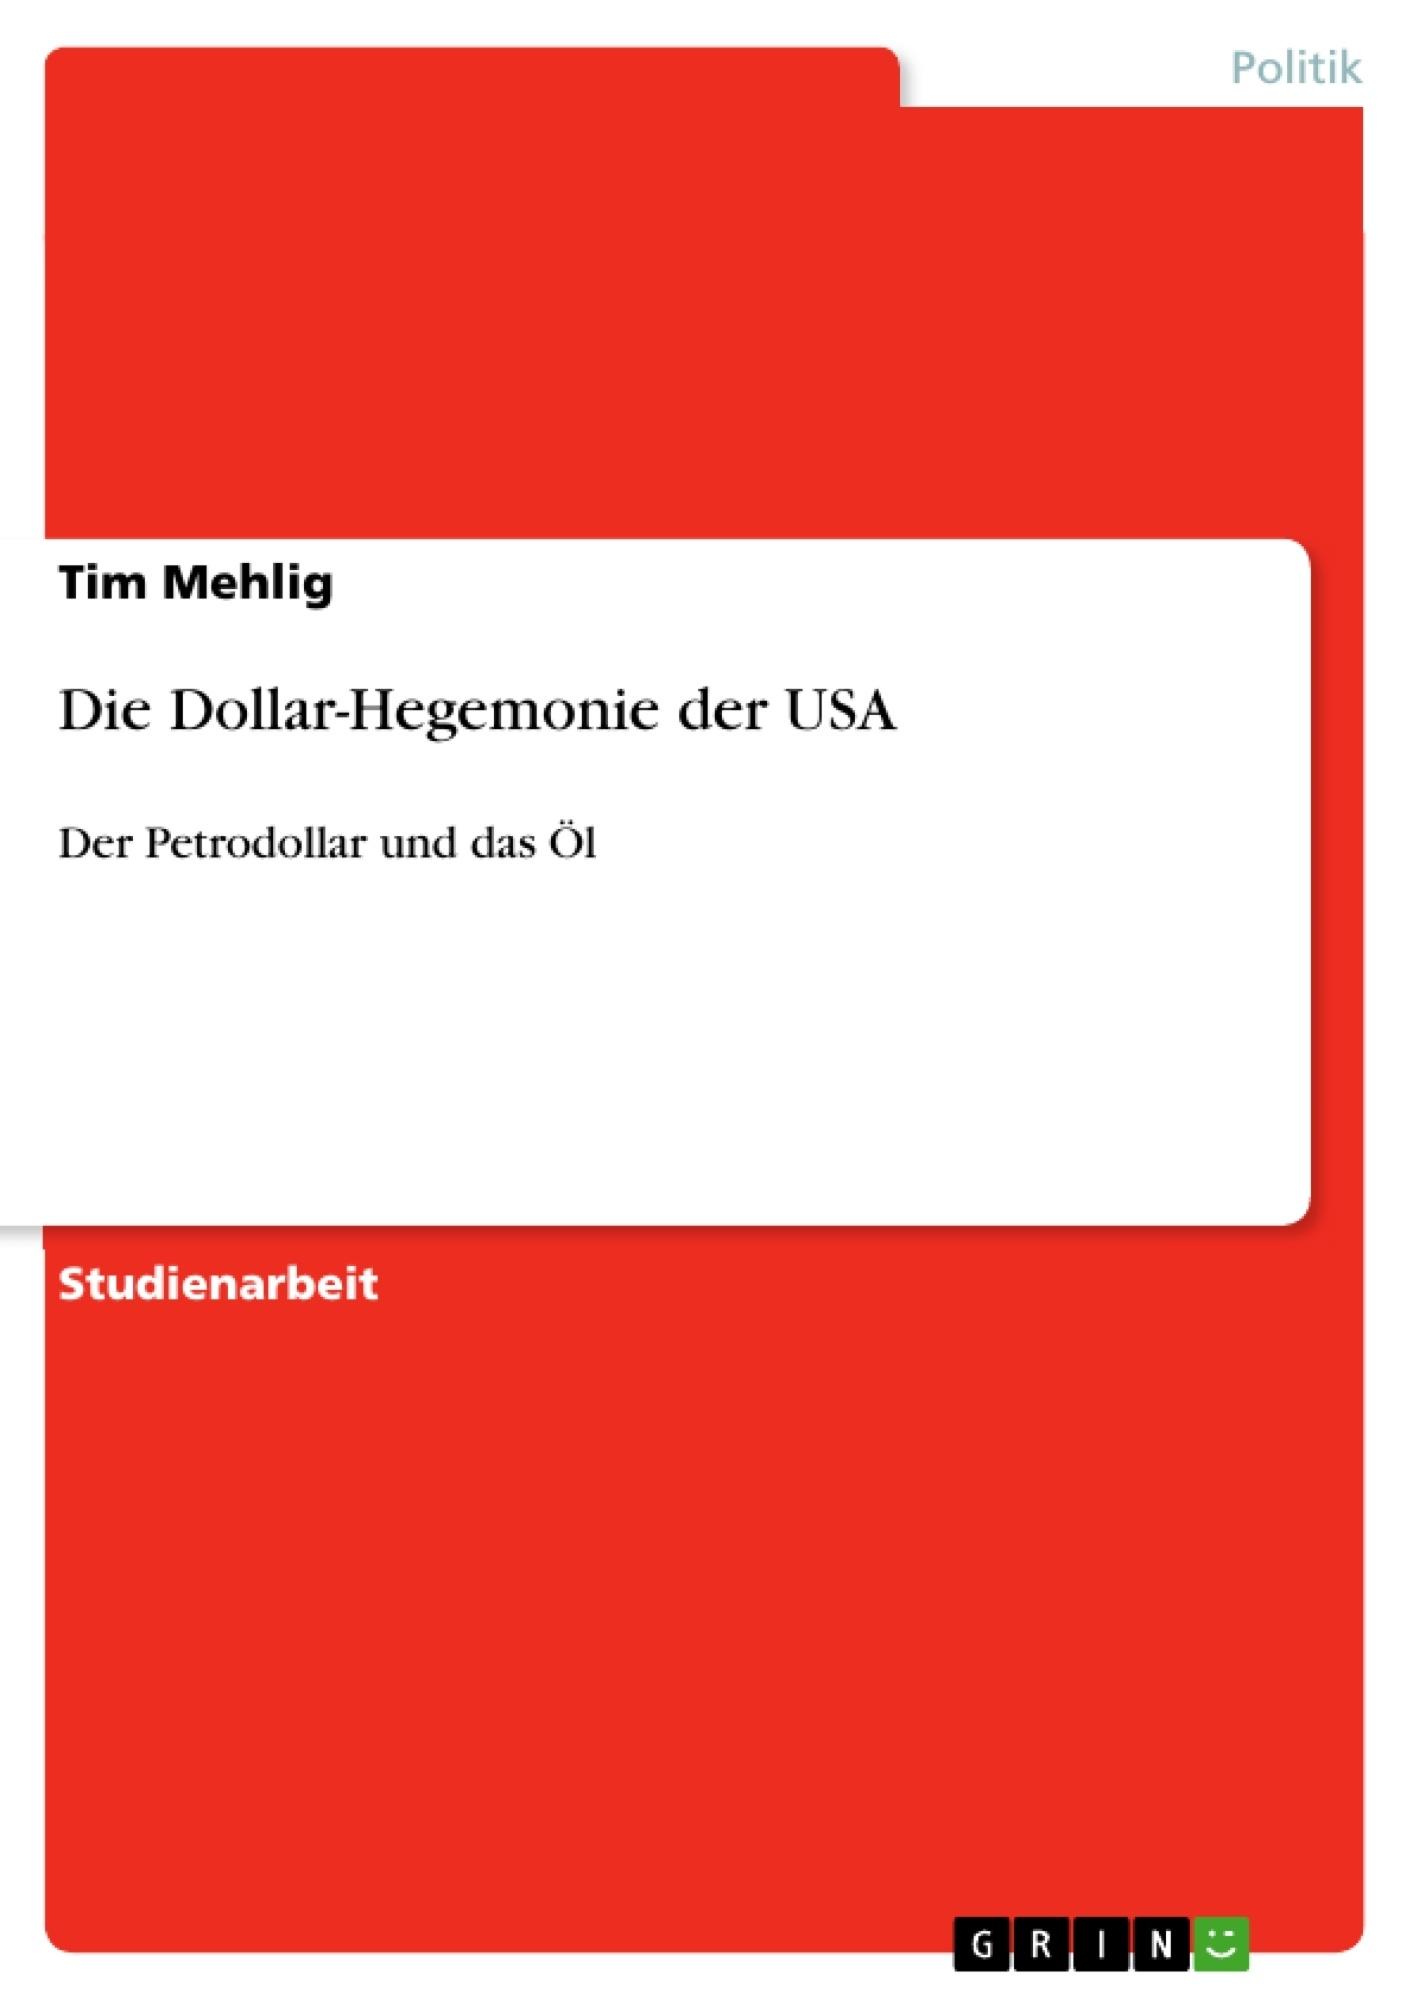 Titel: Die Dollar-Hegemonie der USA